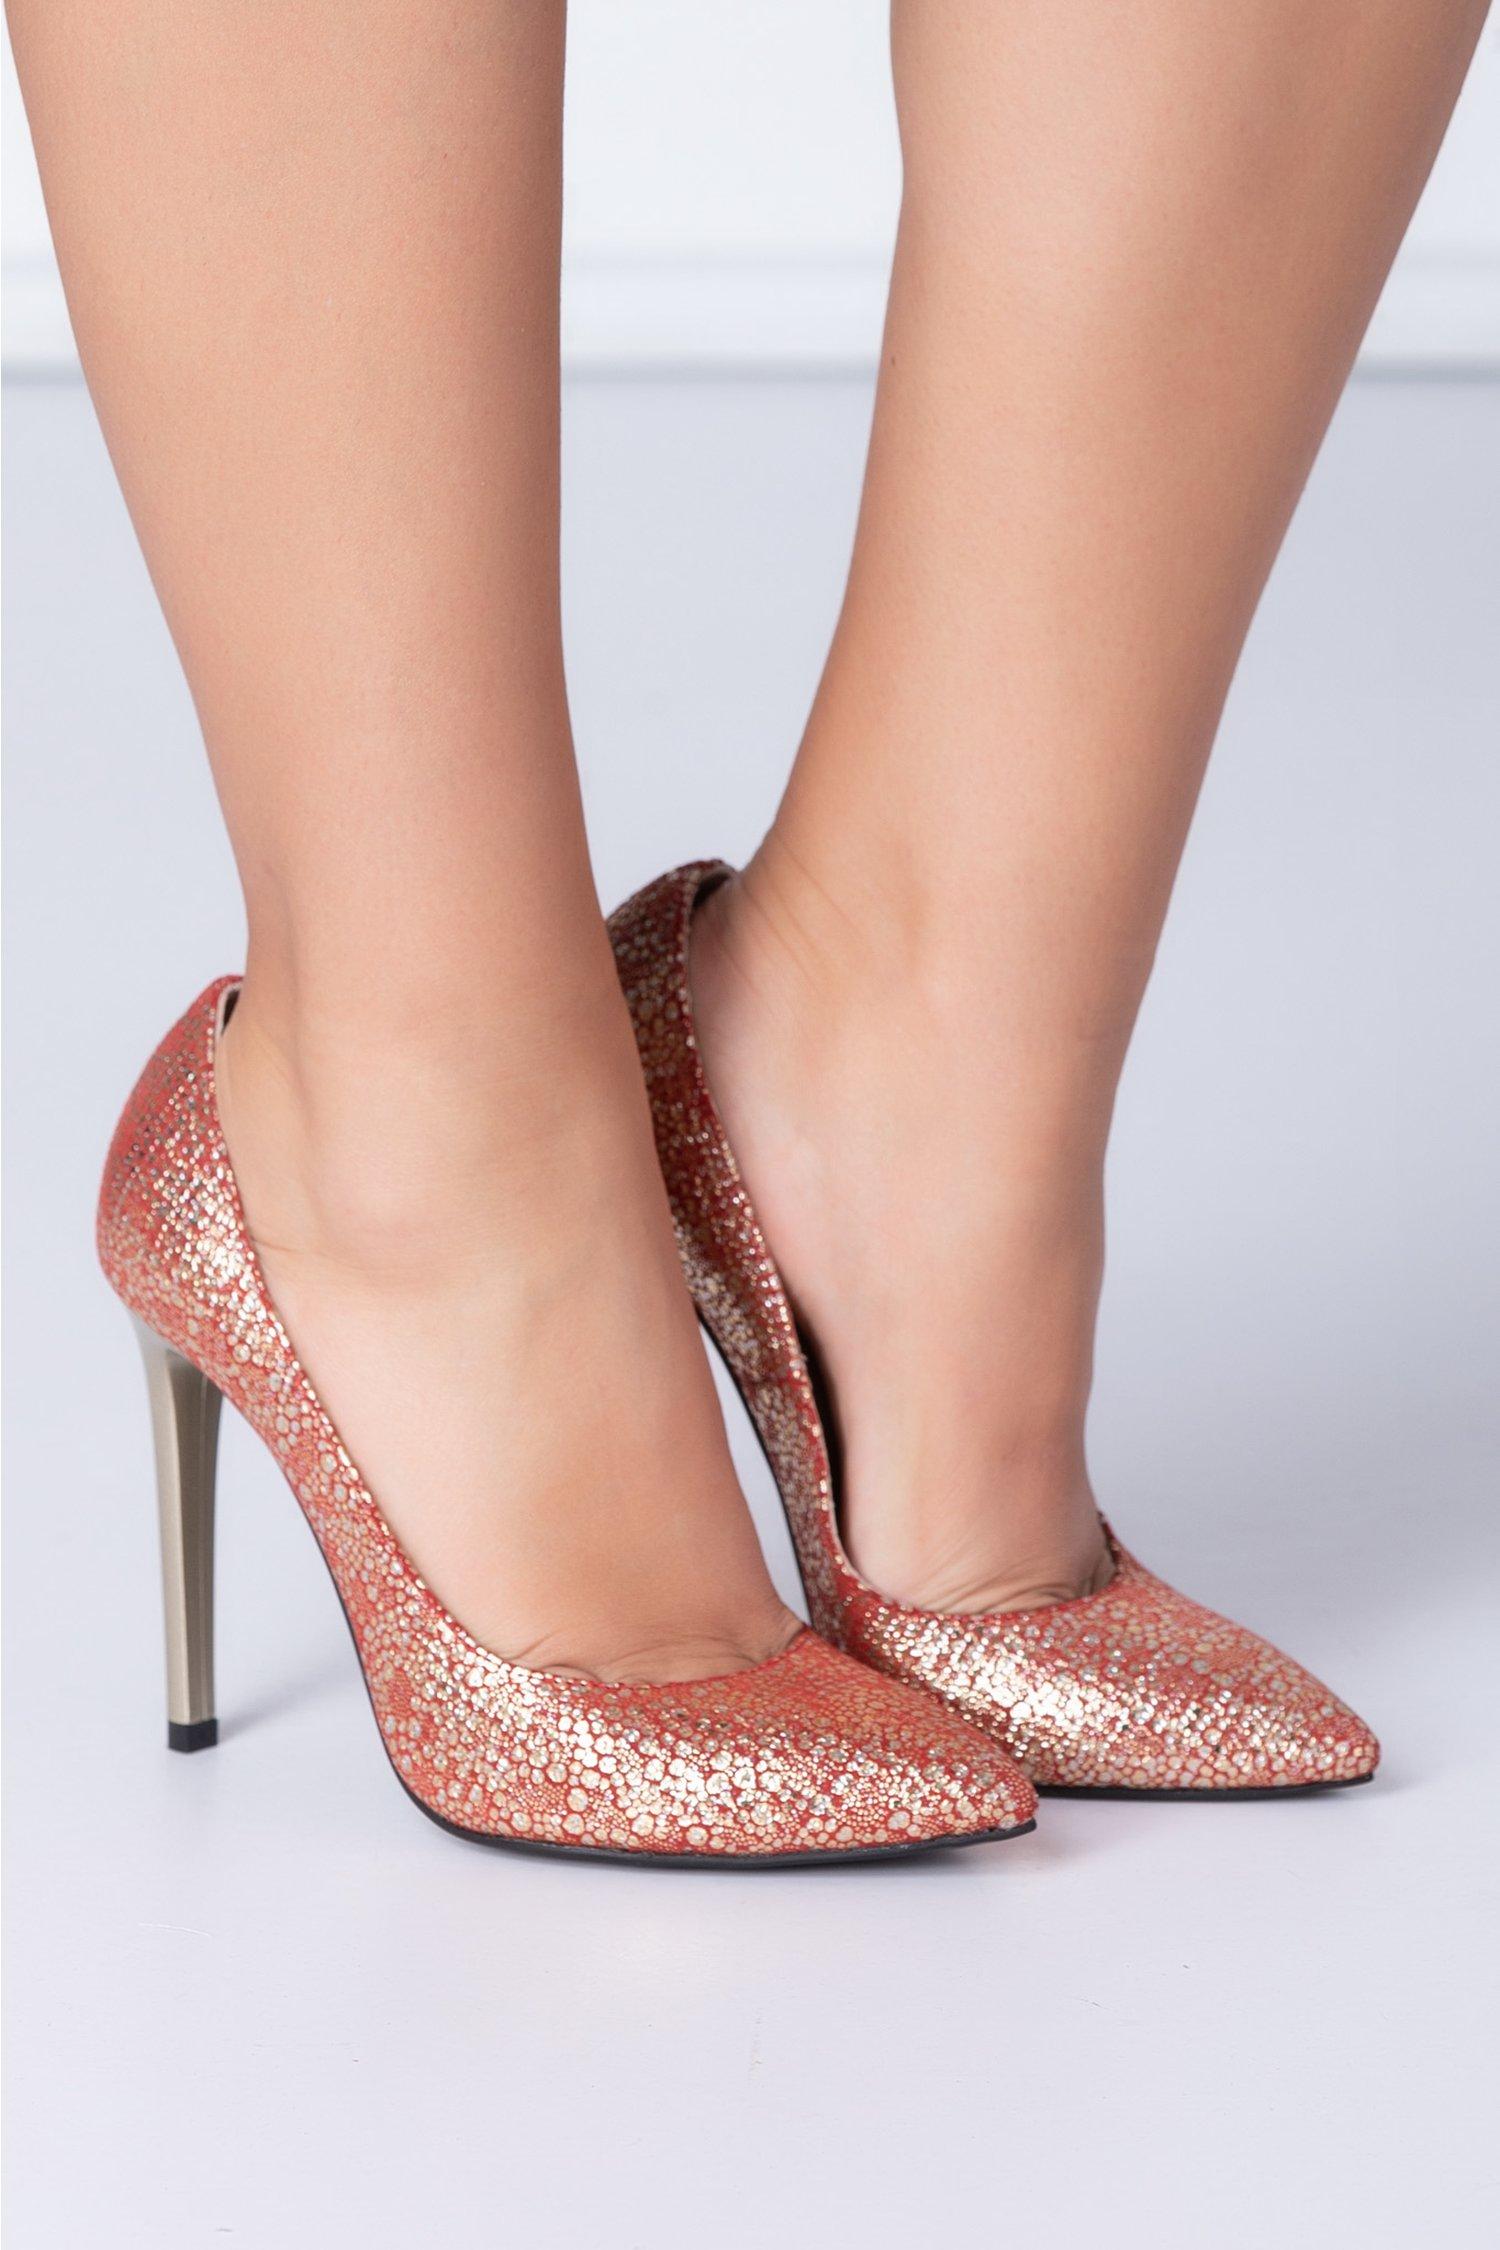 Pantofi eleganti rosii cu insertii aurii